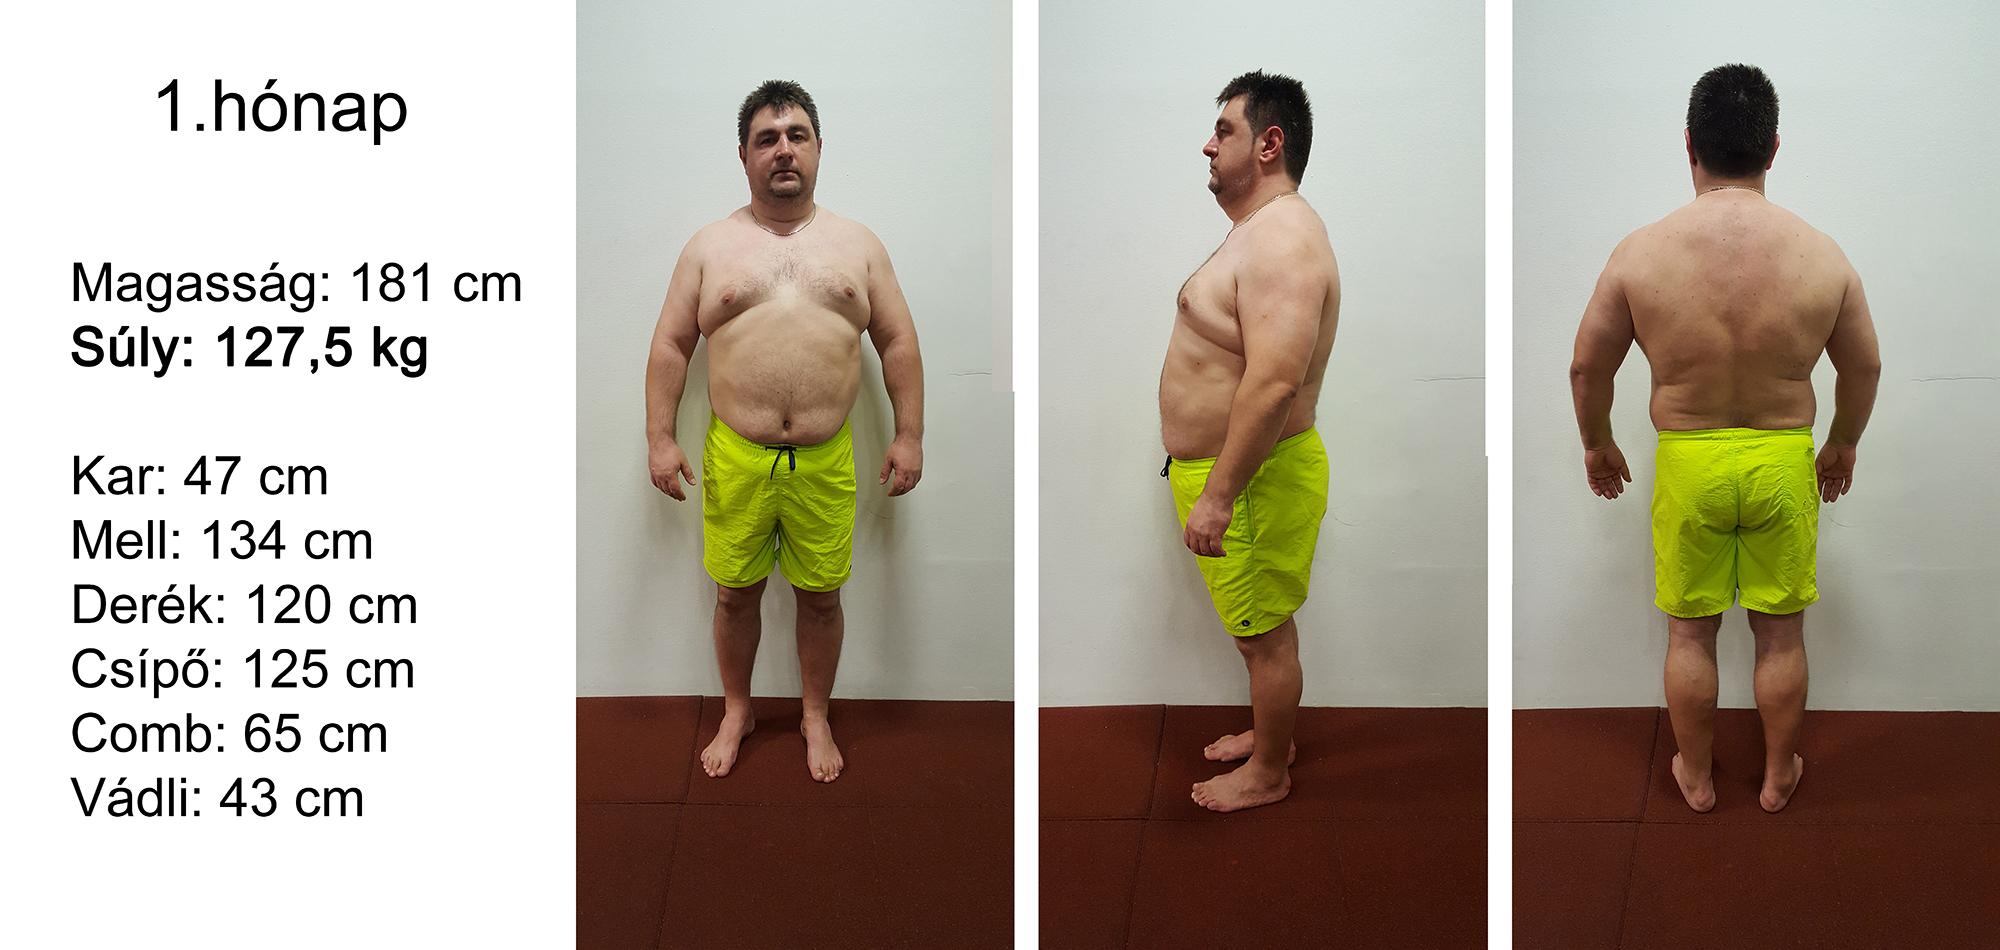 1 hónap alatt 10 kiló mínusz - Fogyókúra   Femina